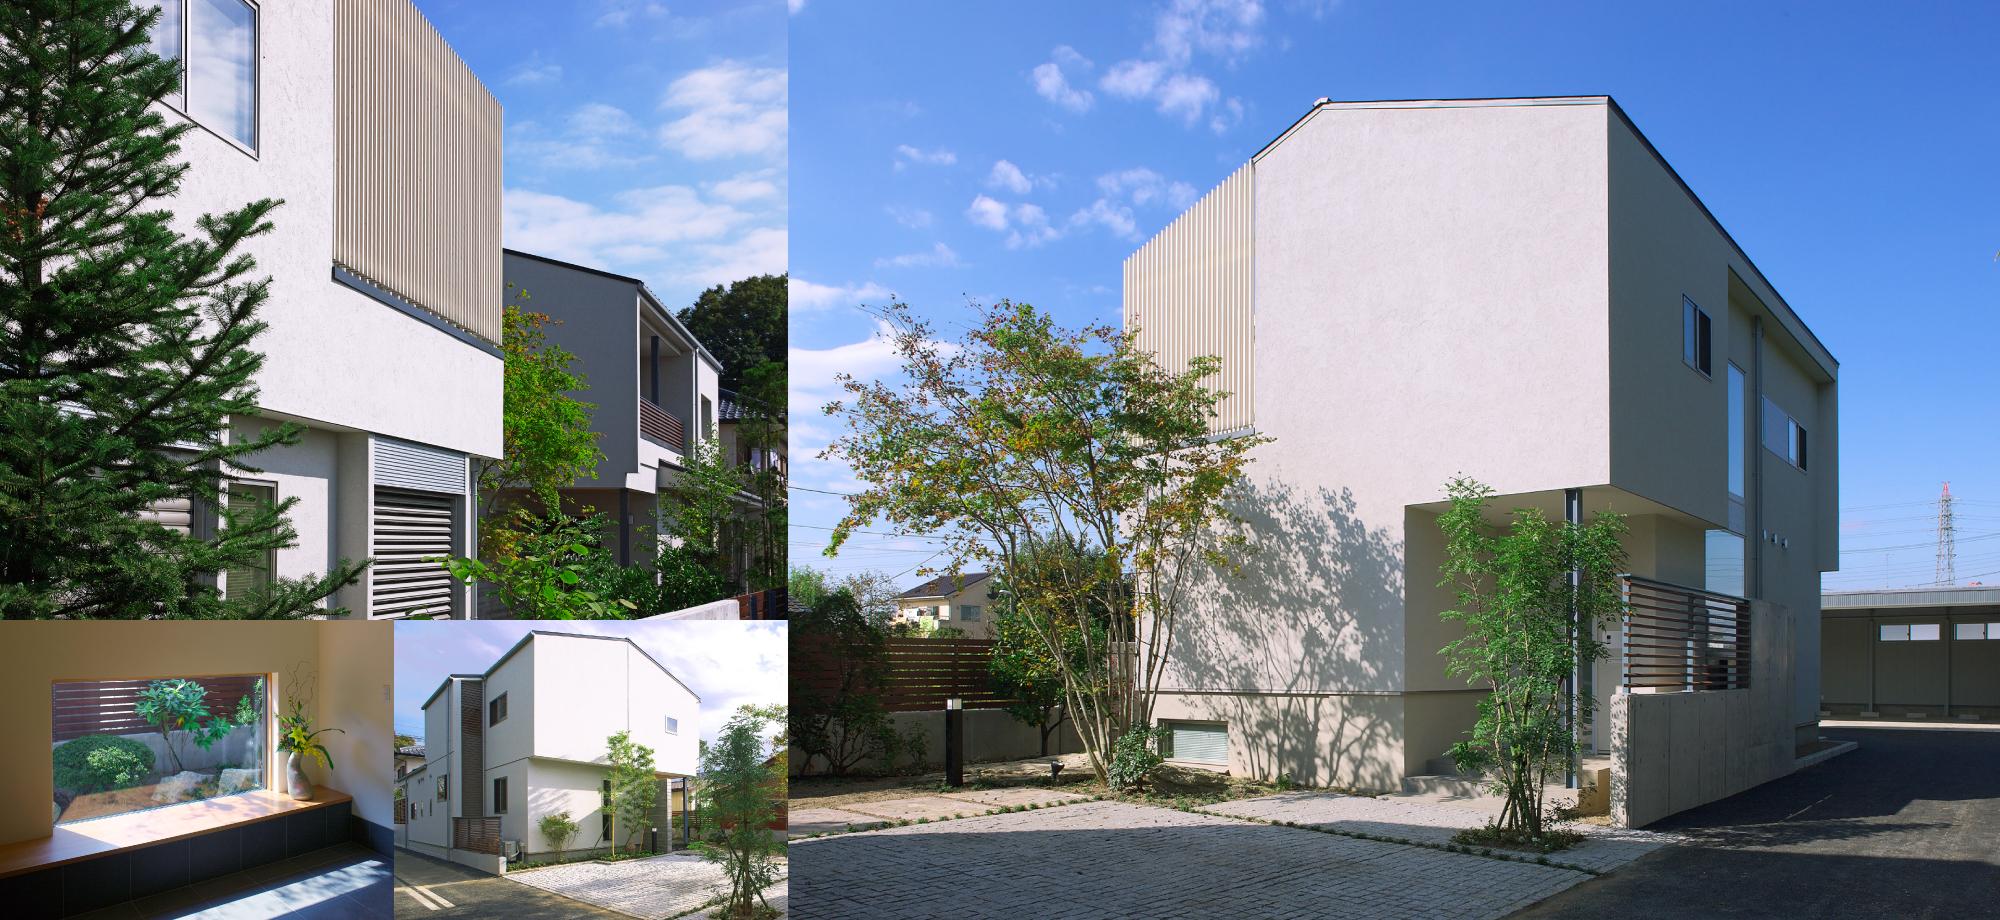 切り妻屋根の対の住まいの画像1